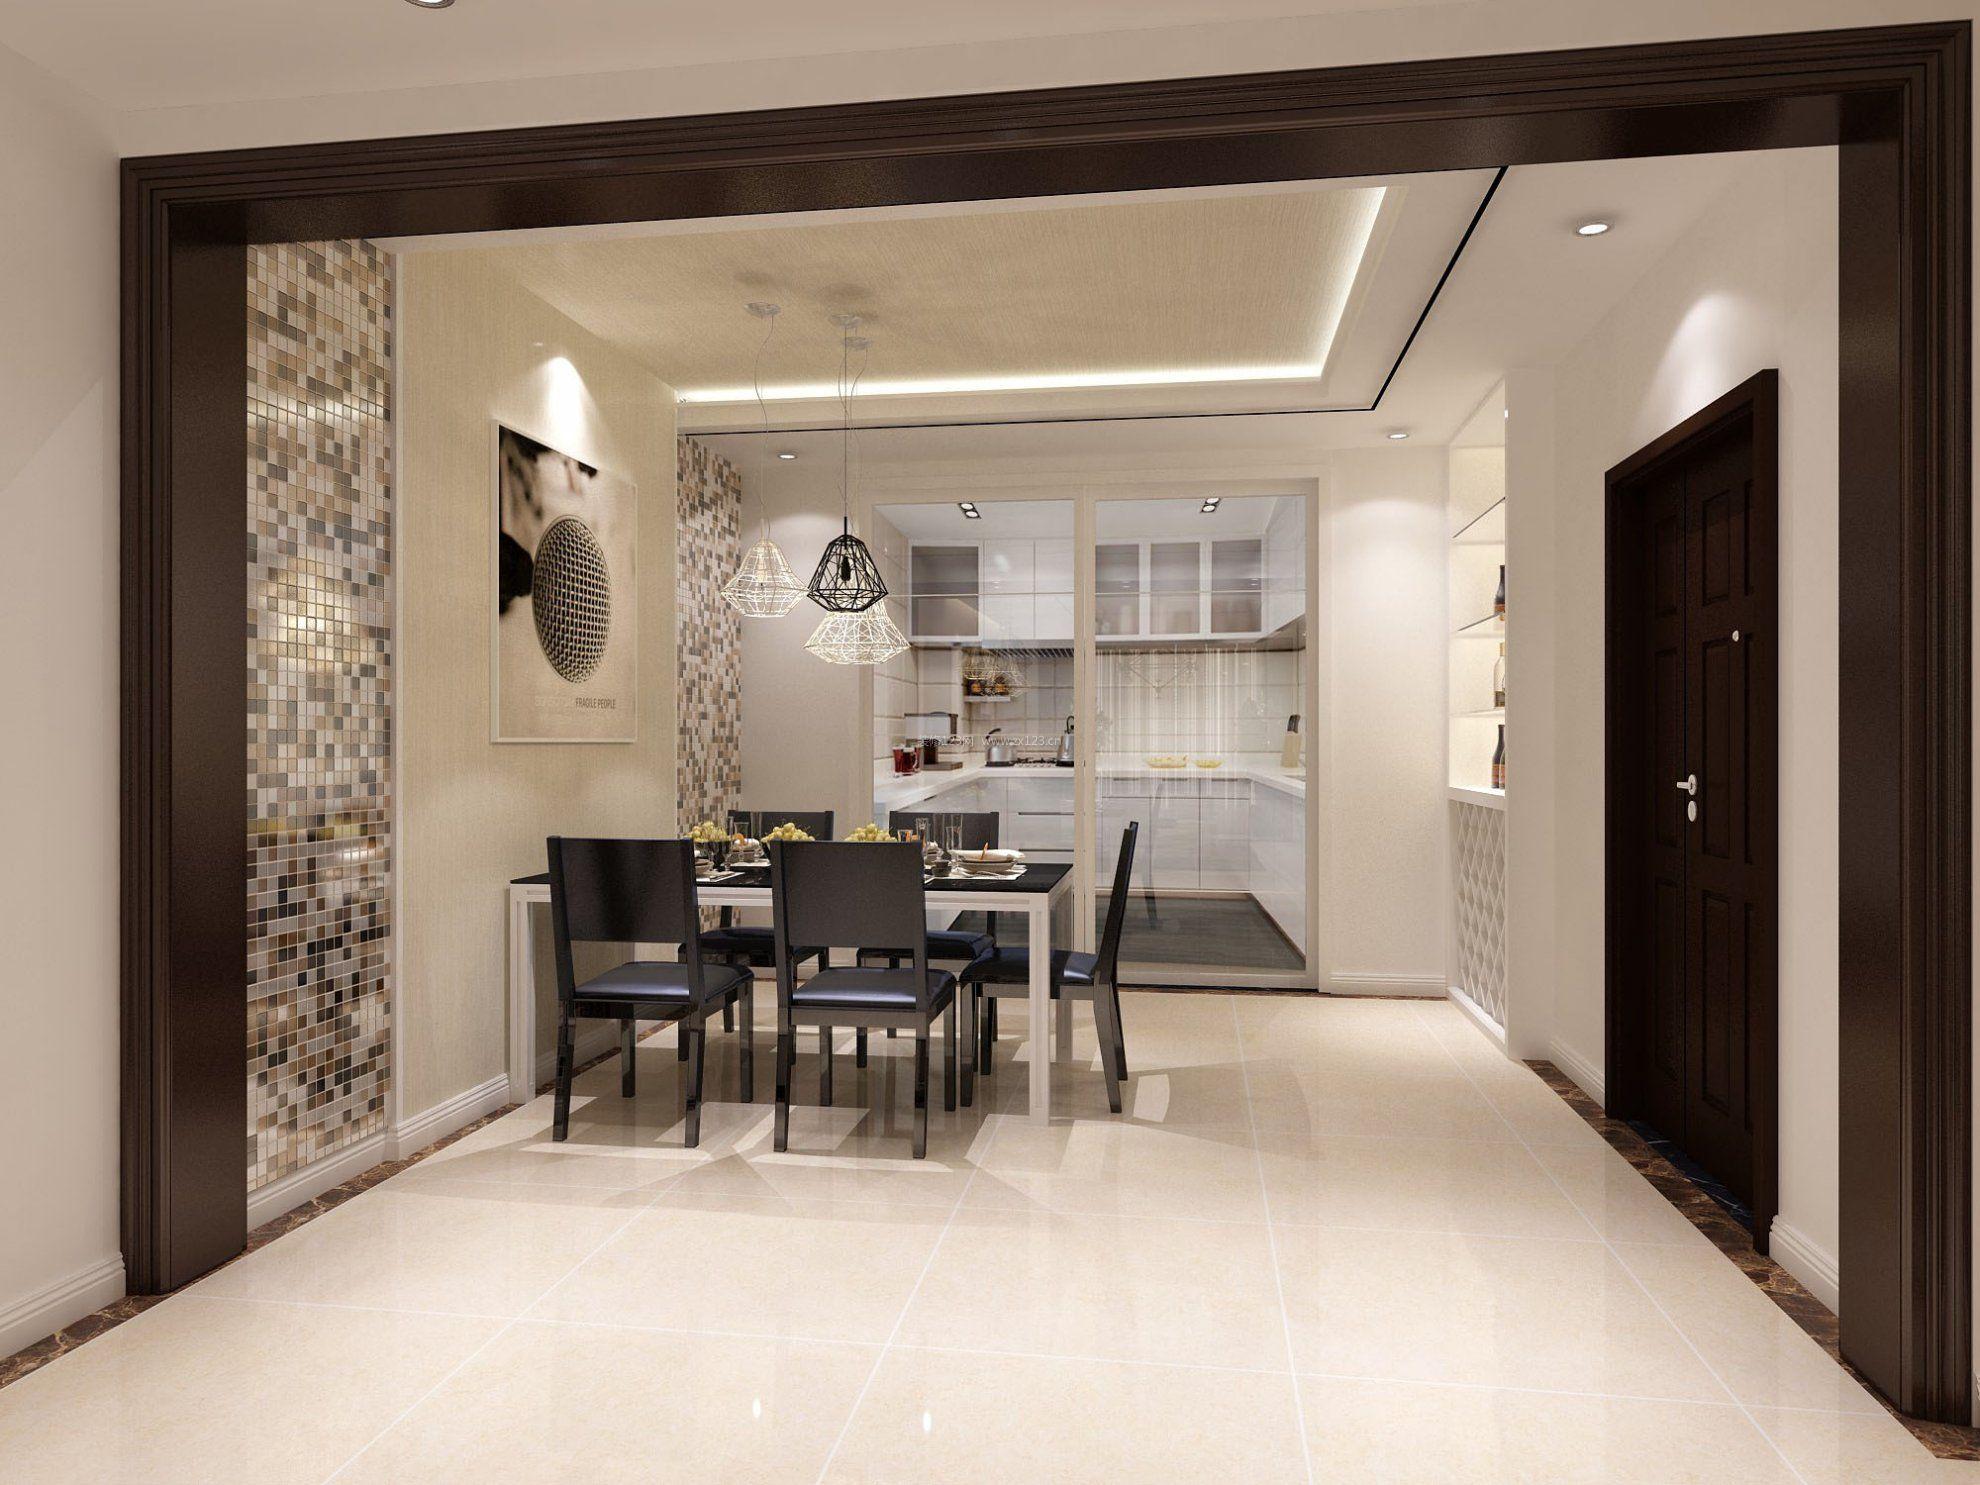 家装效果图 现代 现代简约风格餐厅样板设计 提供者: ←→ 可以